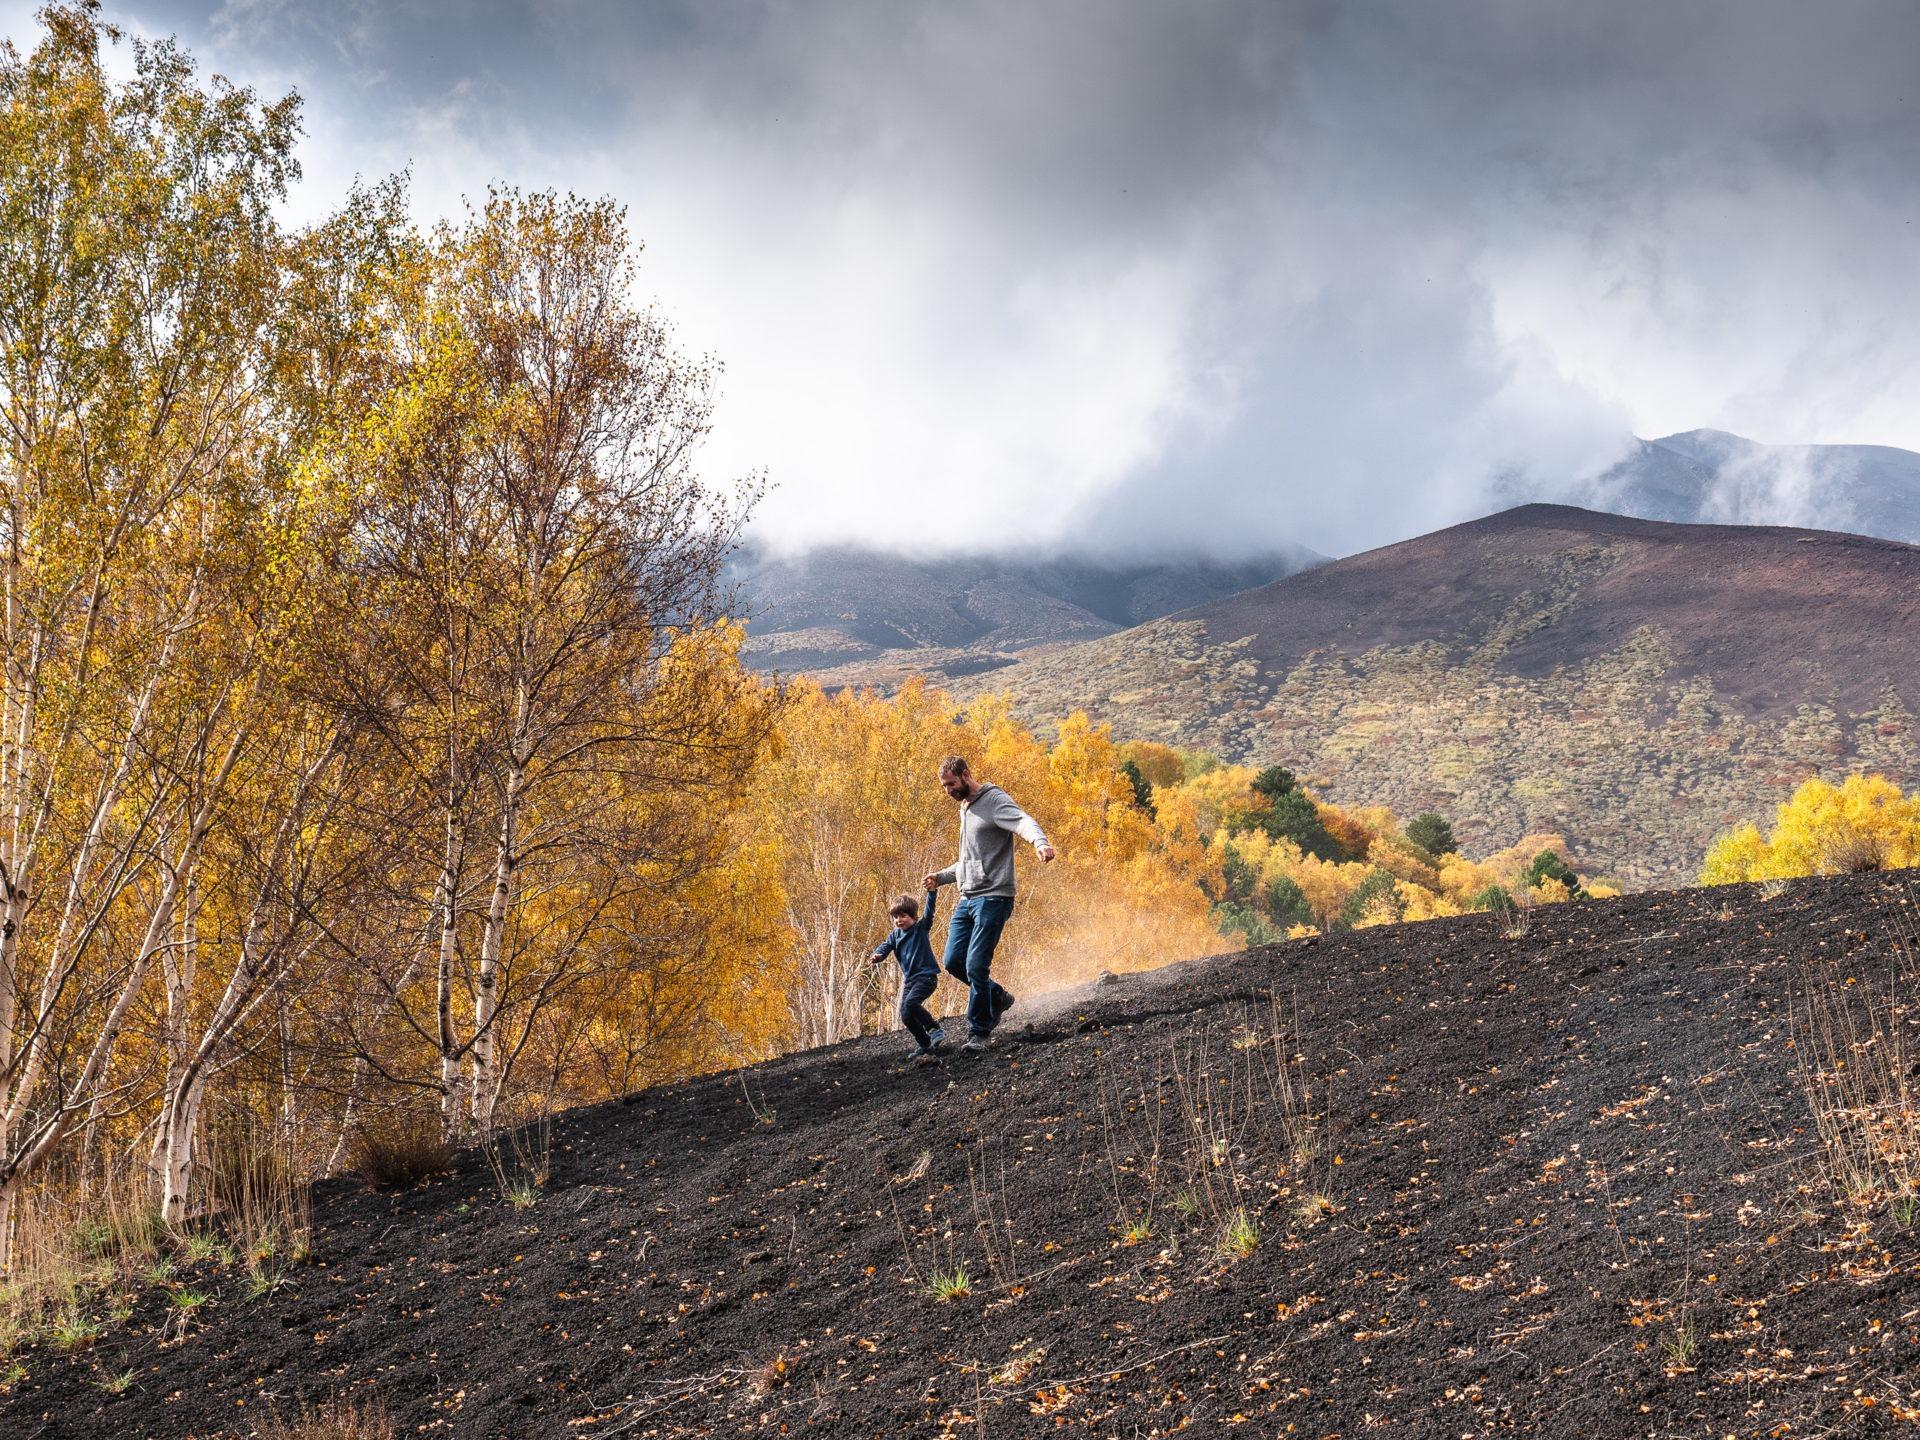 Sicile etna 55262 - Les globe blogueurs - blog voyage nature